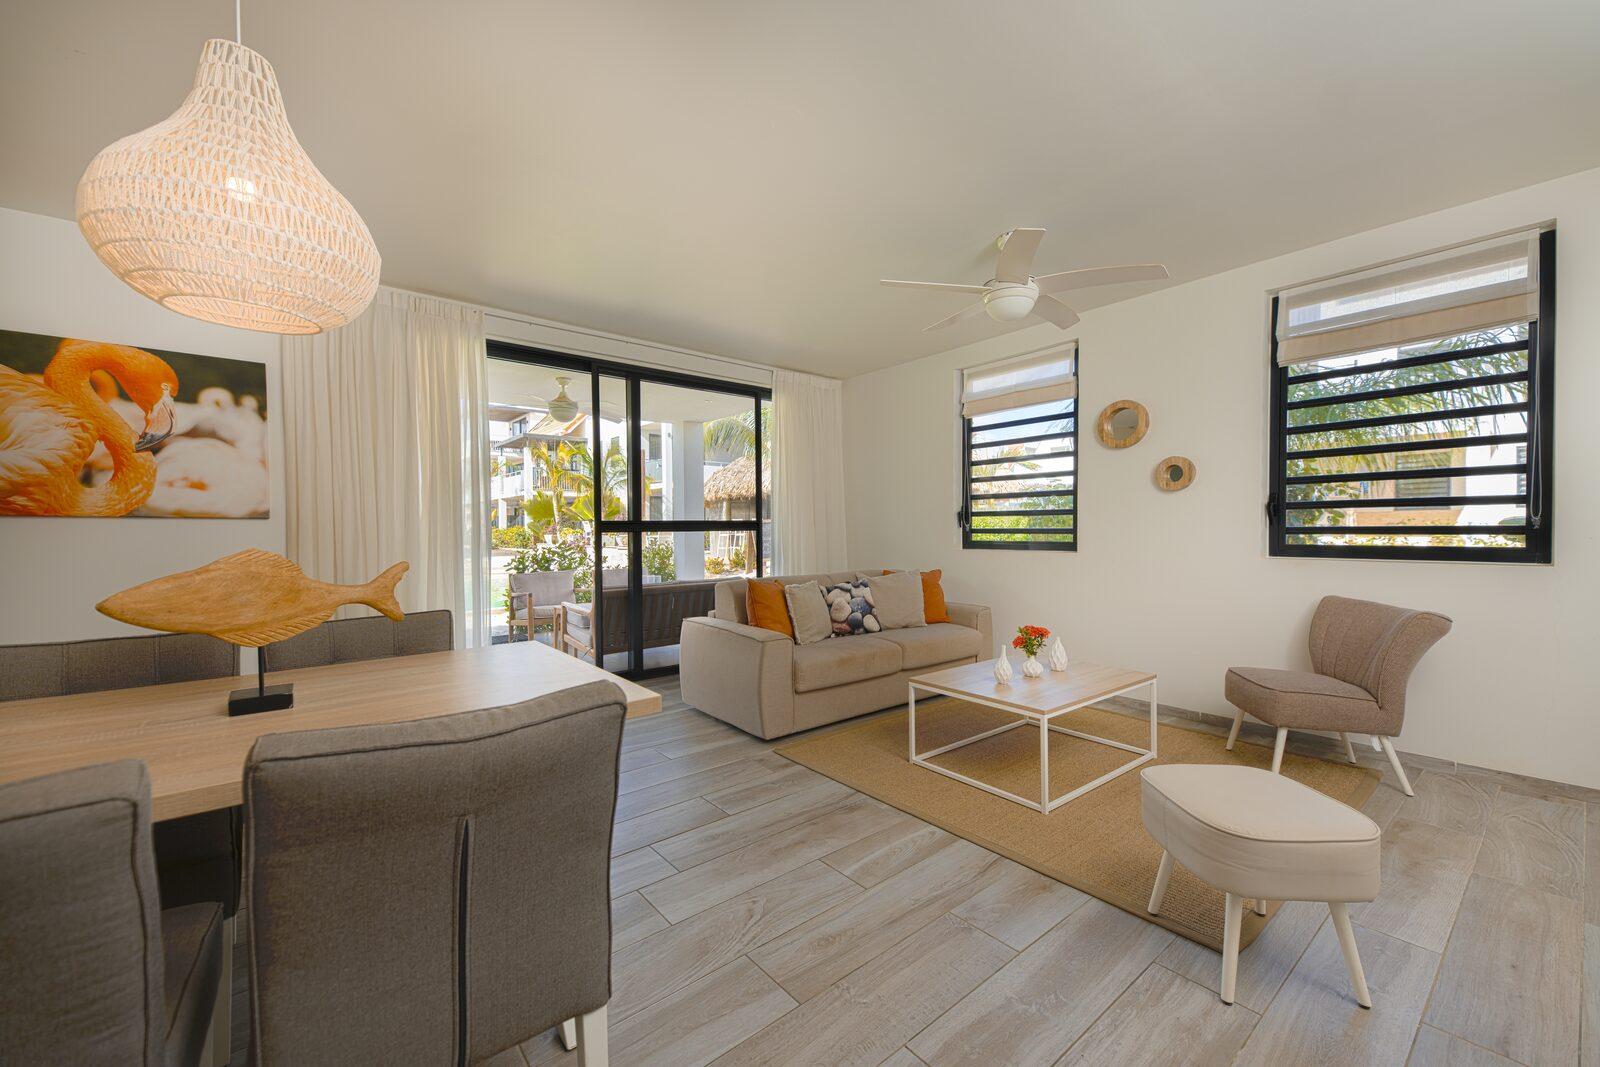 Alugar uma casa em Bonaire